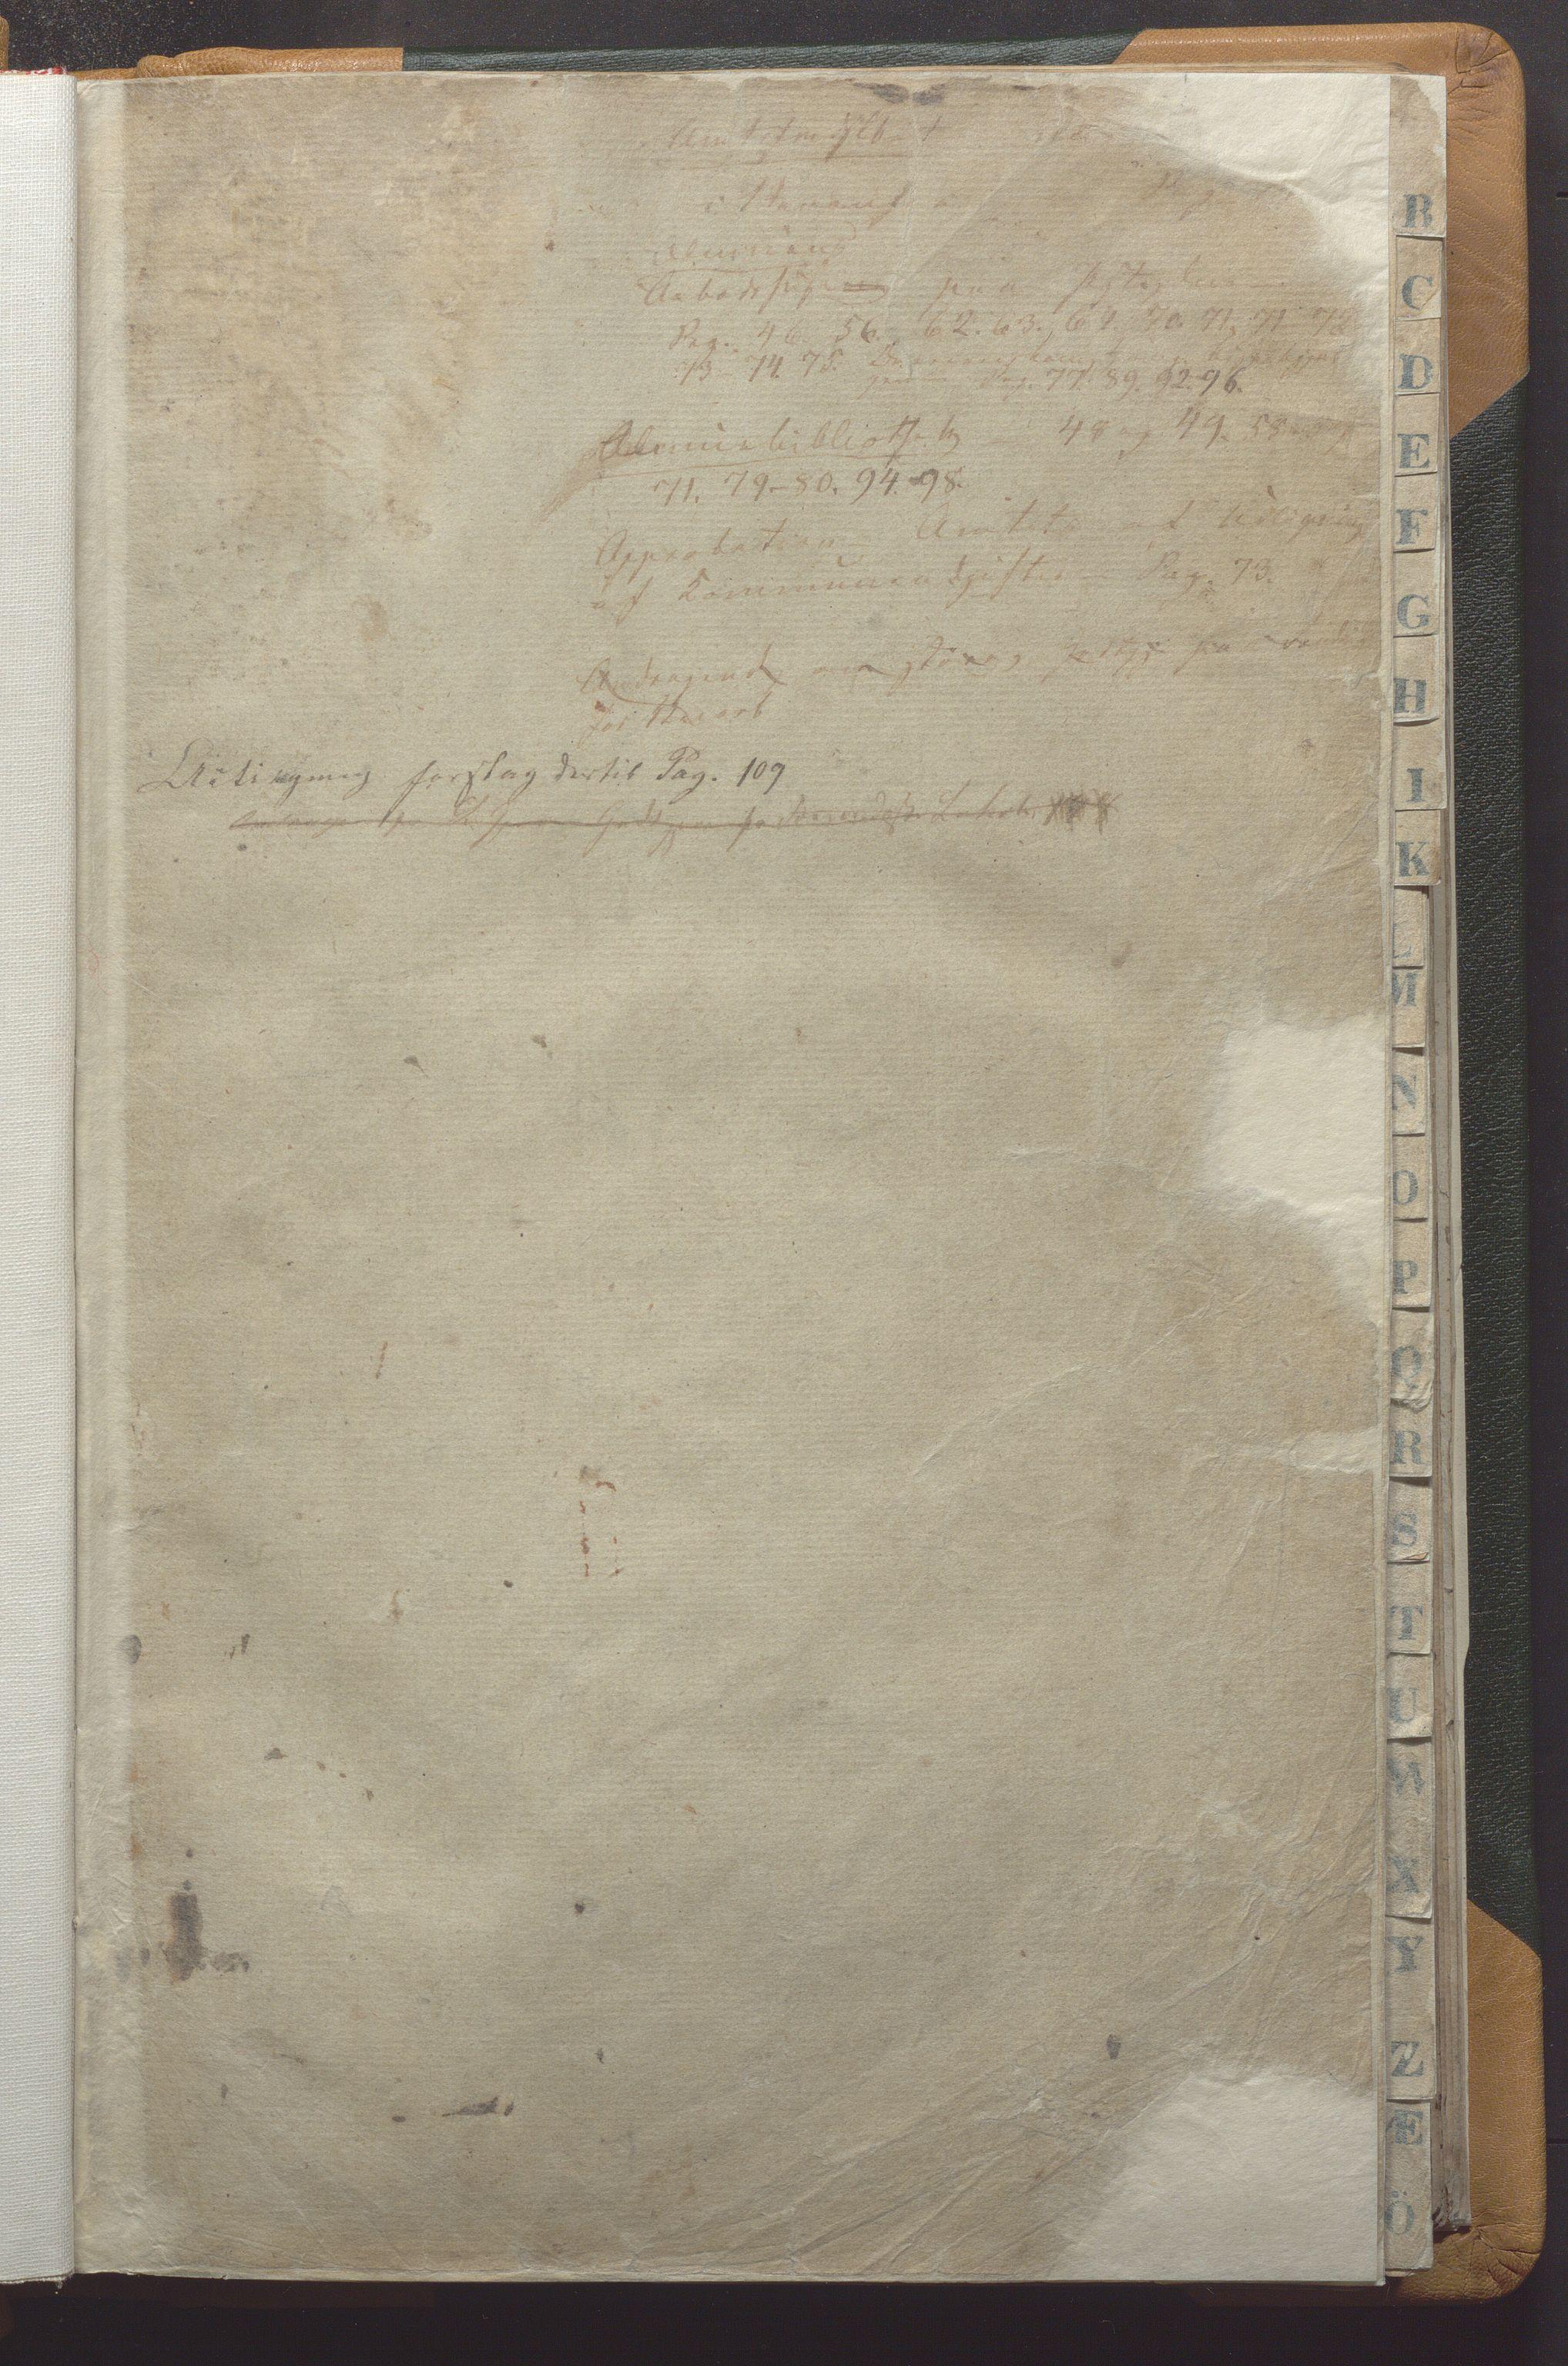 IKAR, Vikedal kommune - Formannskapet, Aaa/L0001: Møtebok, 1837-1874, s. 1